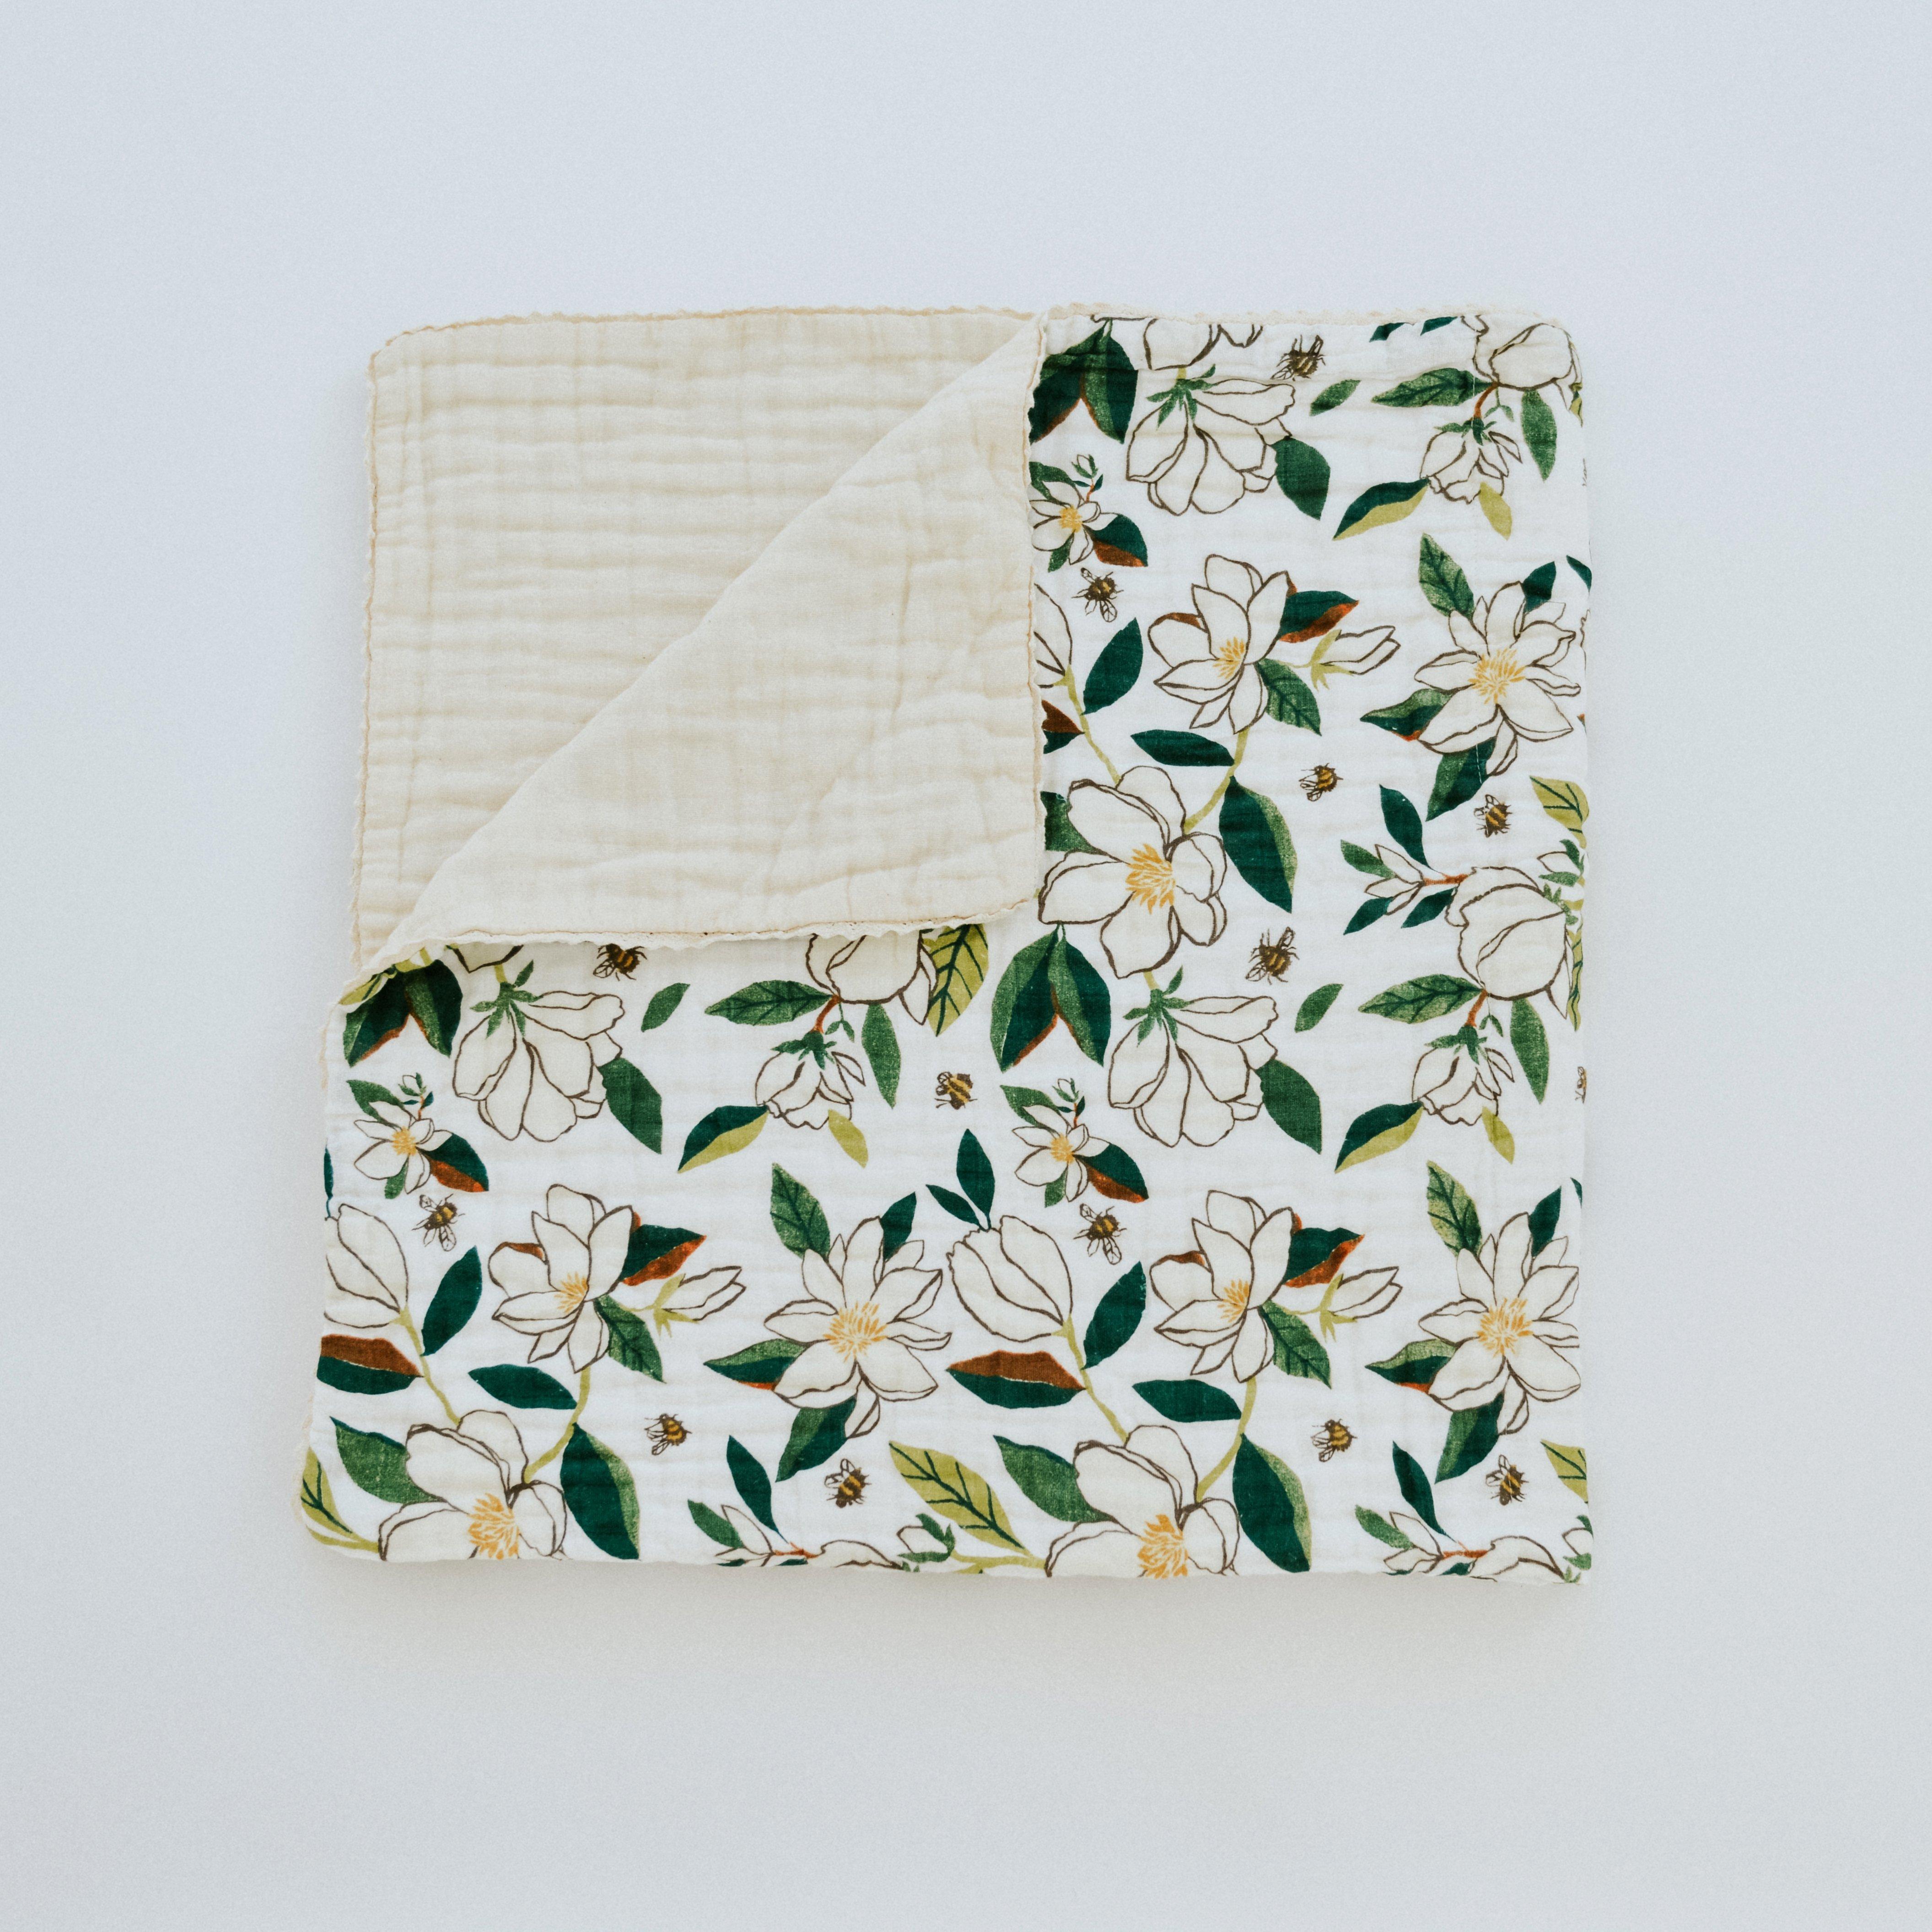 Magnolia Quilt